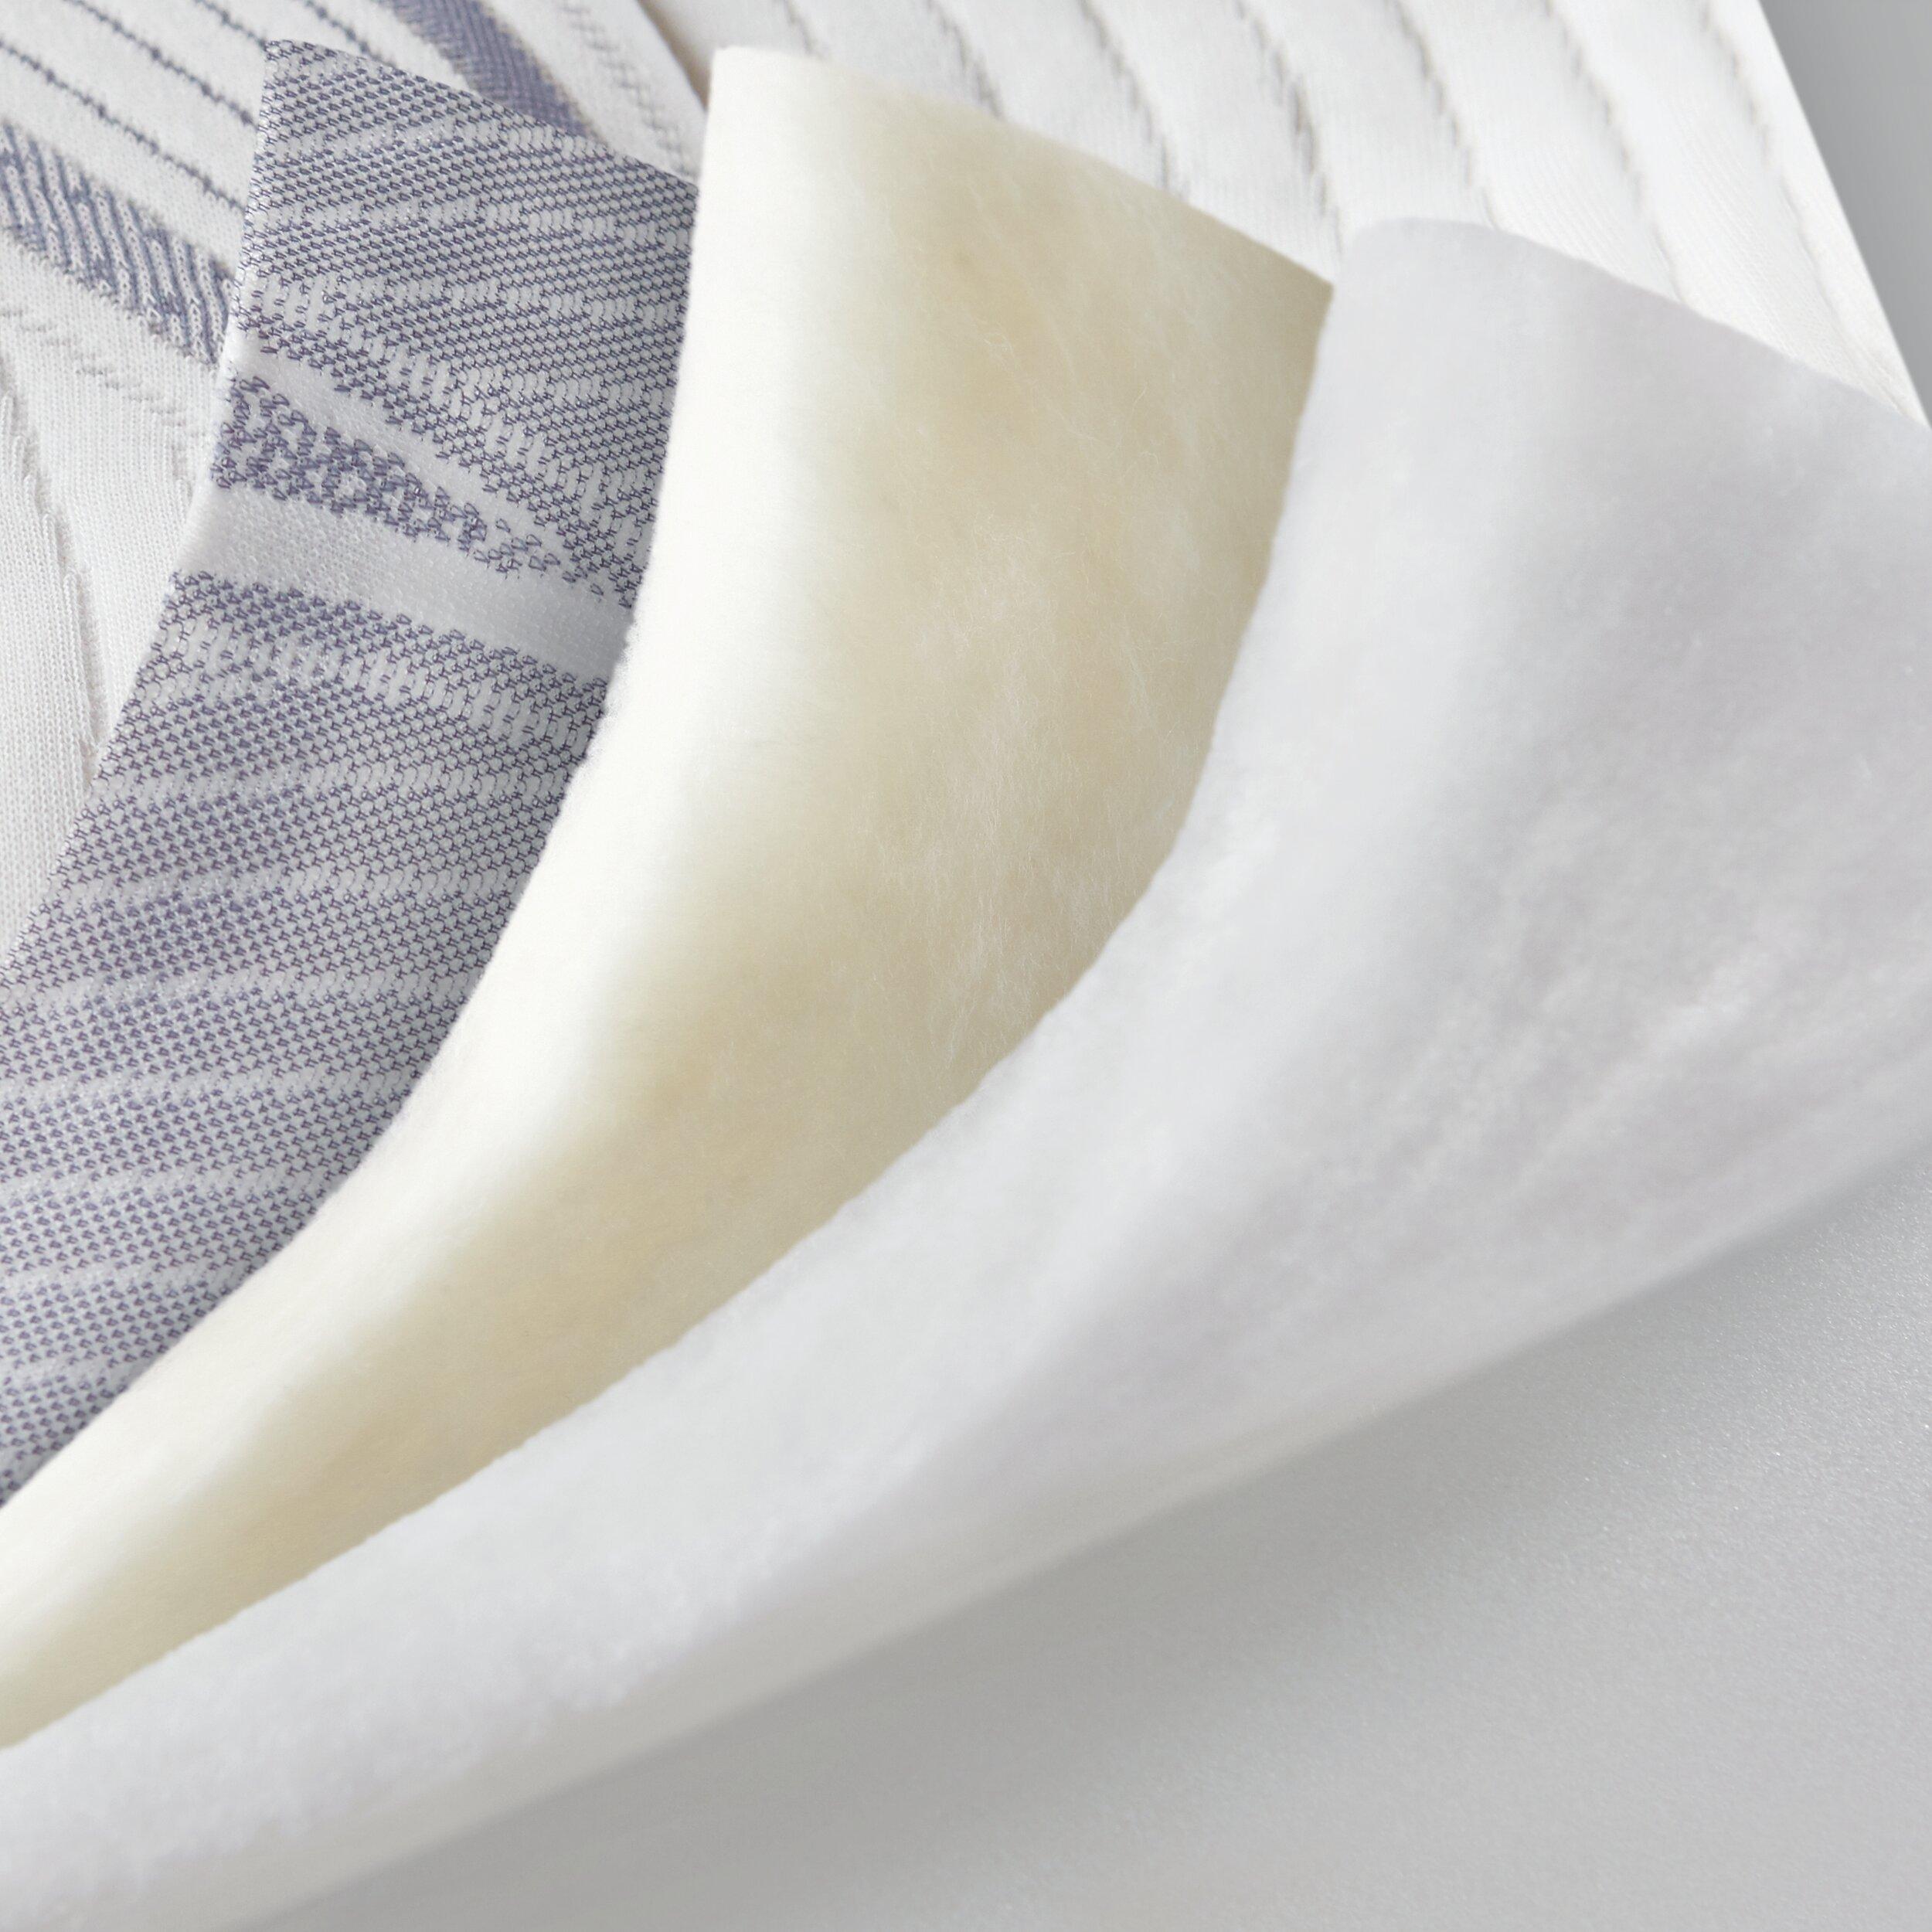 Serta's Comfort Luxe Gel Fibre